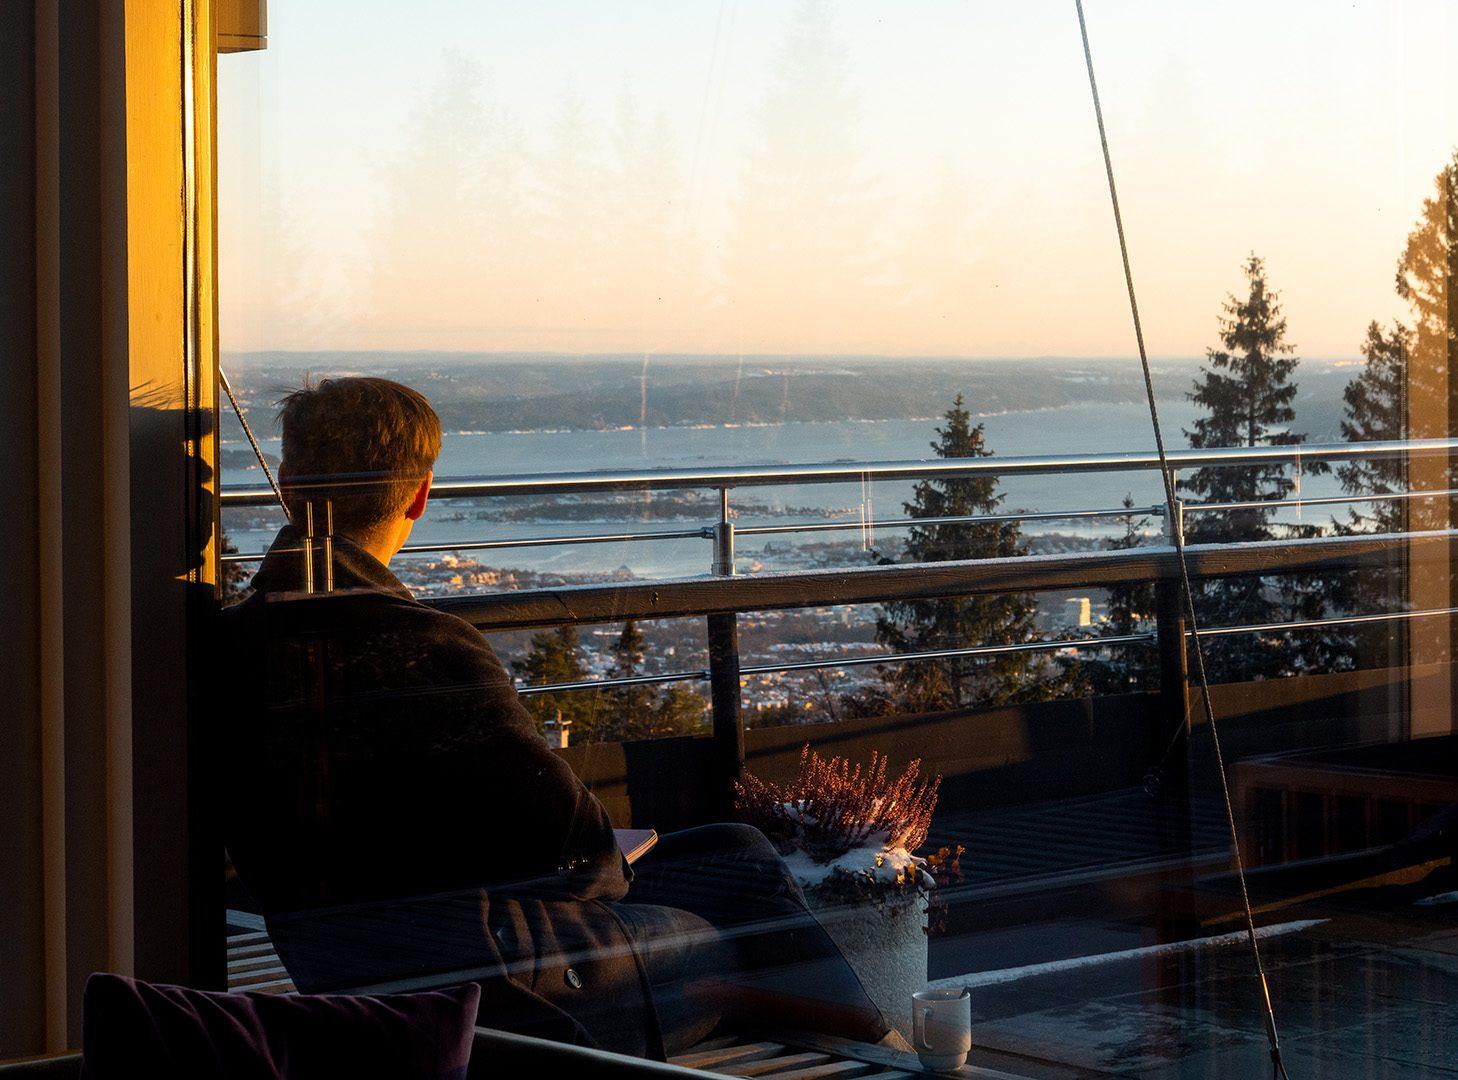 Mann nyter utsikt i solnedgang hos Voksenåsen